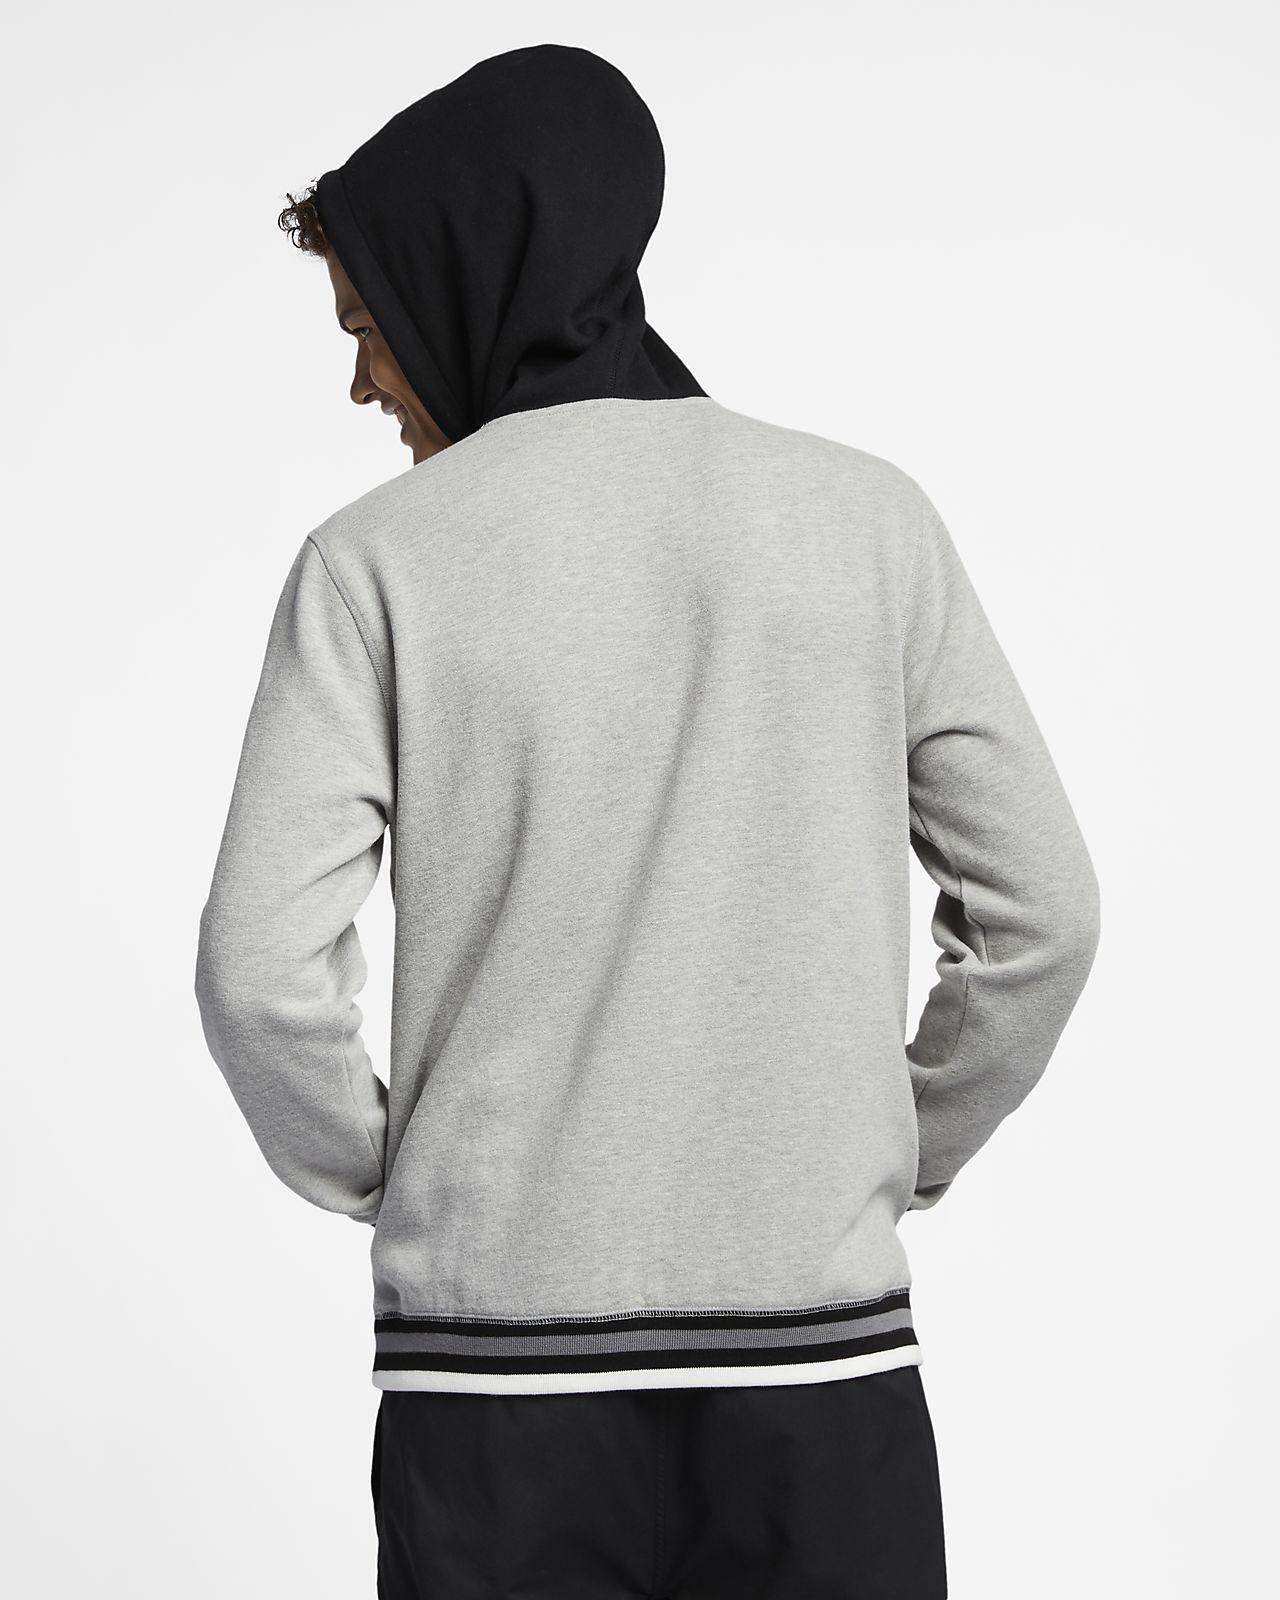 b46d8c6d693d Hurley East Coast Men s Fleece Pullover Hoodie. Nike.com